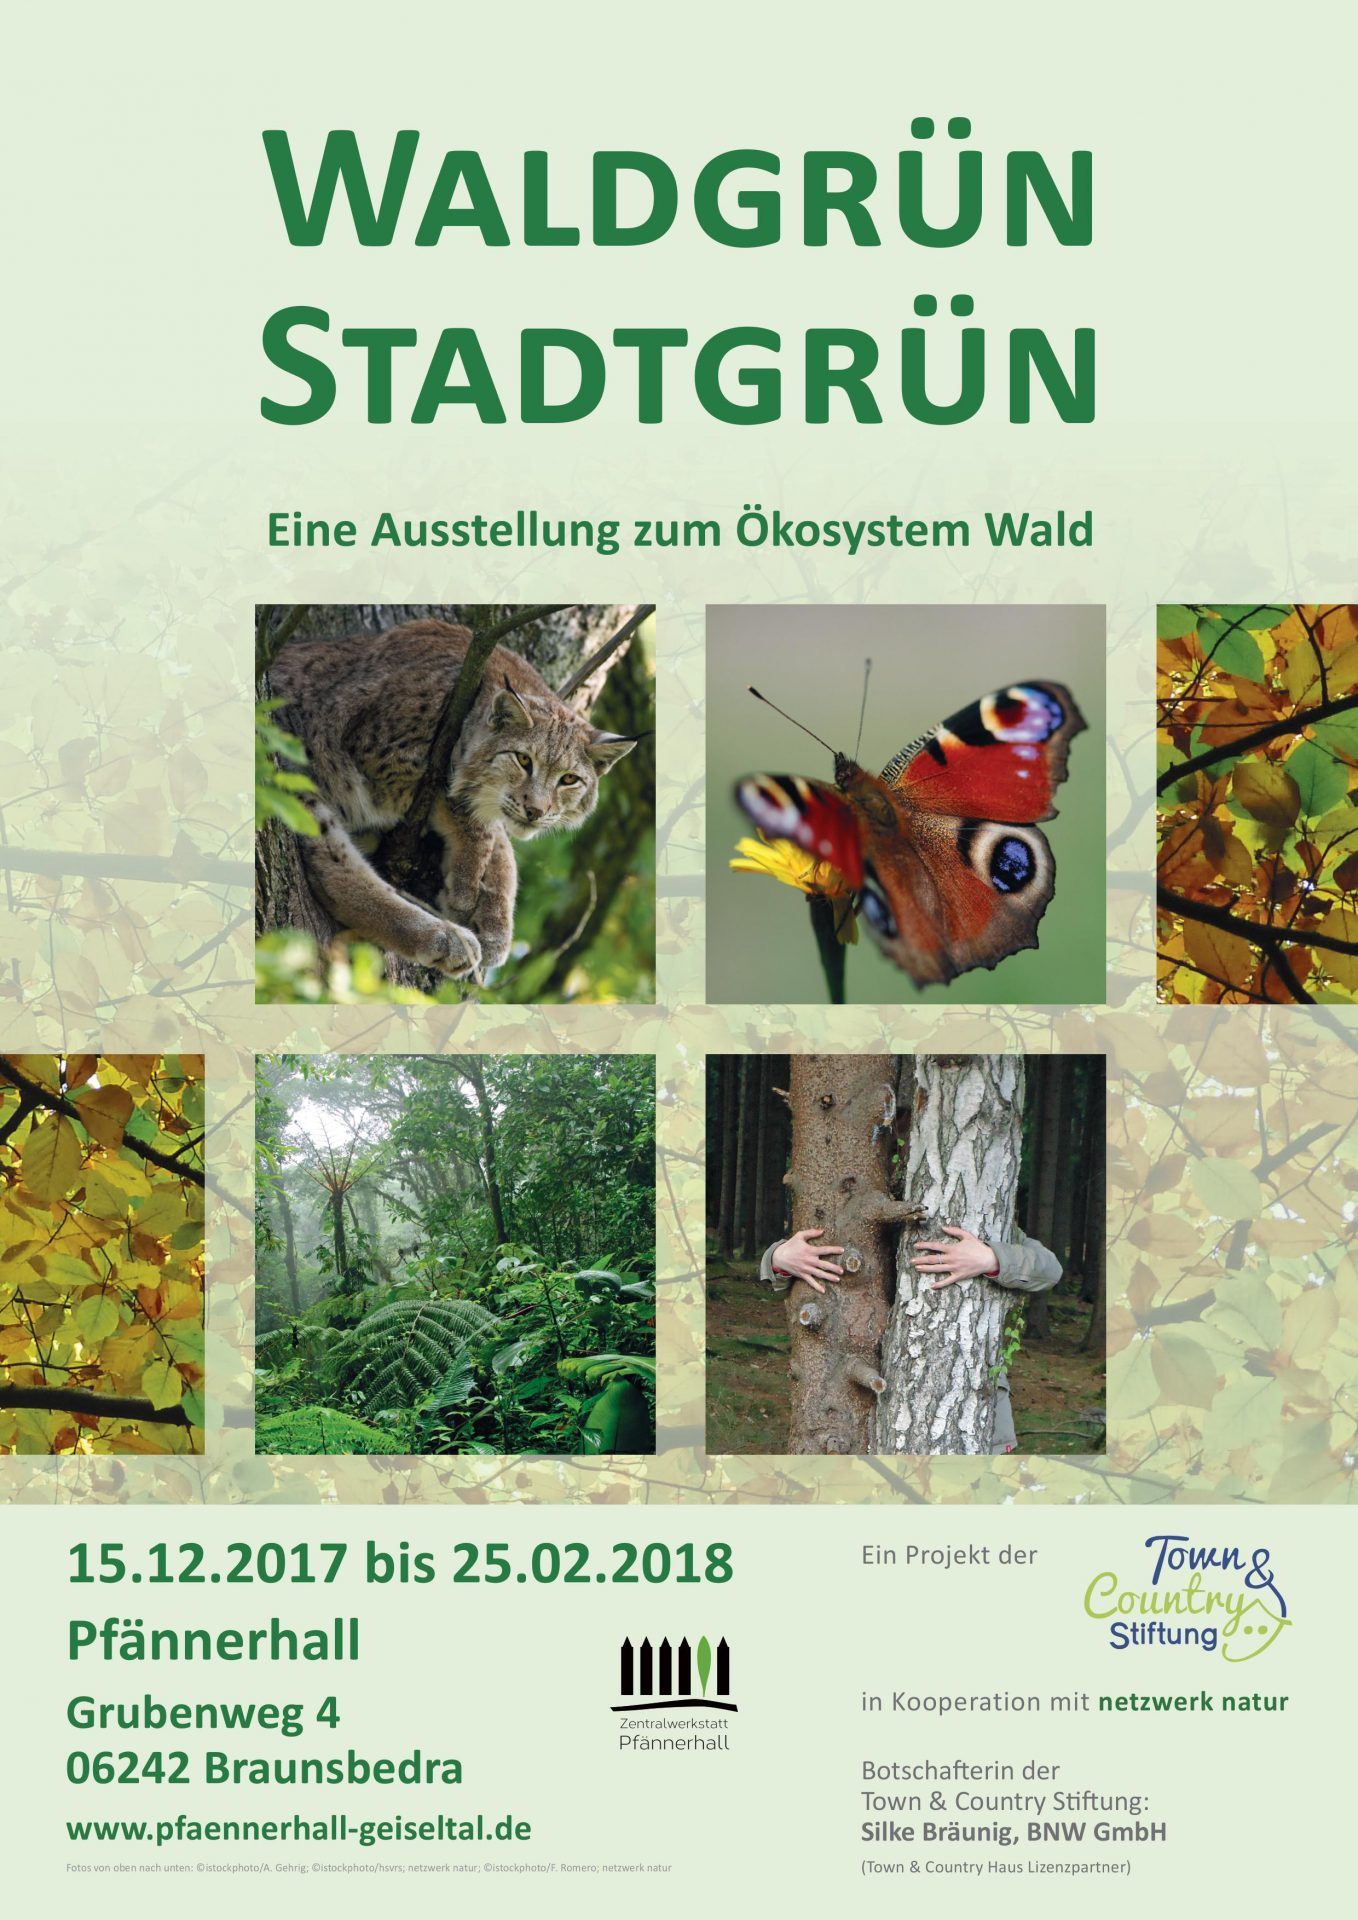 netzwerk natur, Plakat WALDGRÜN - STADTGRÜN, Pfännerhall Braunsbedra